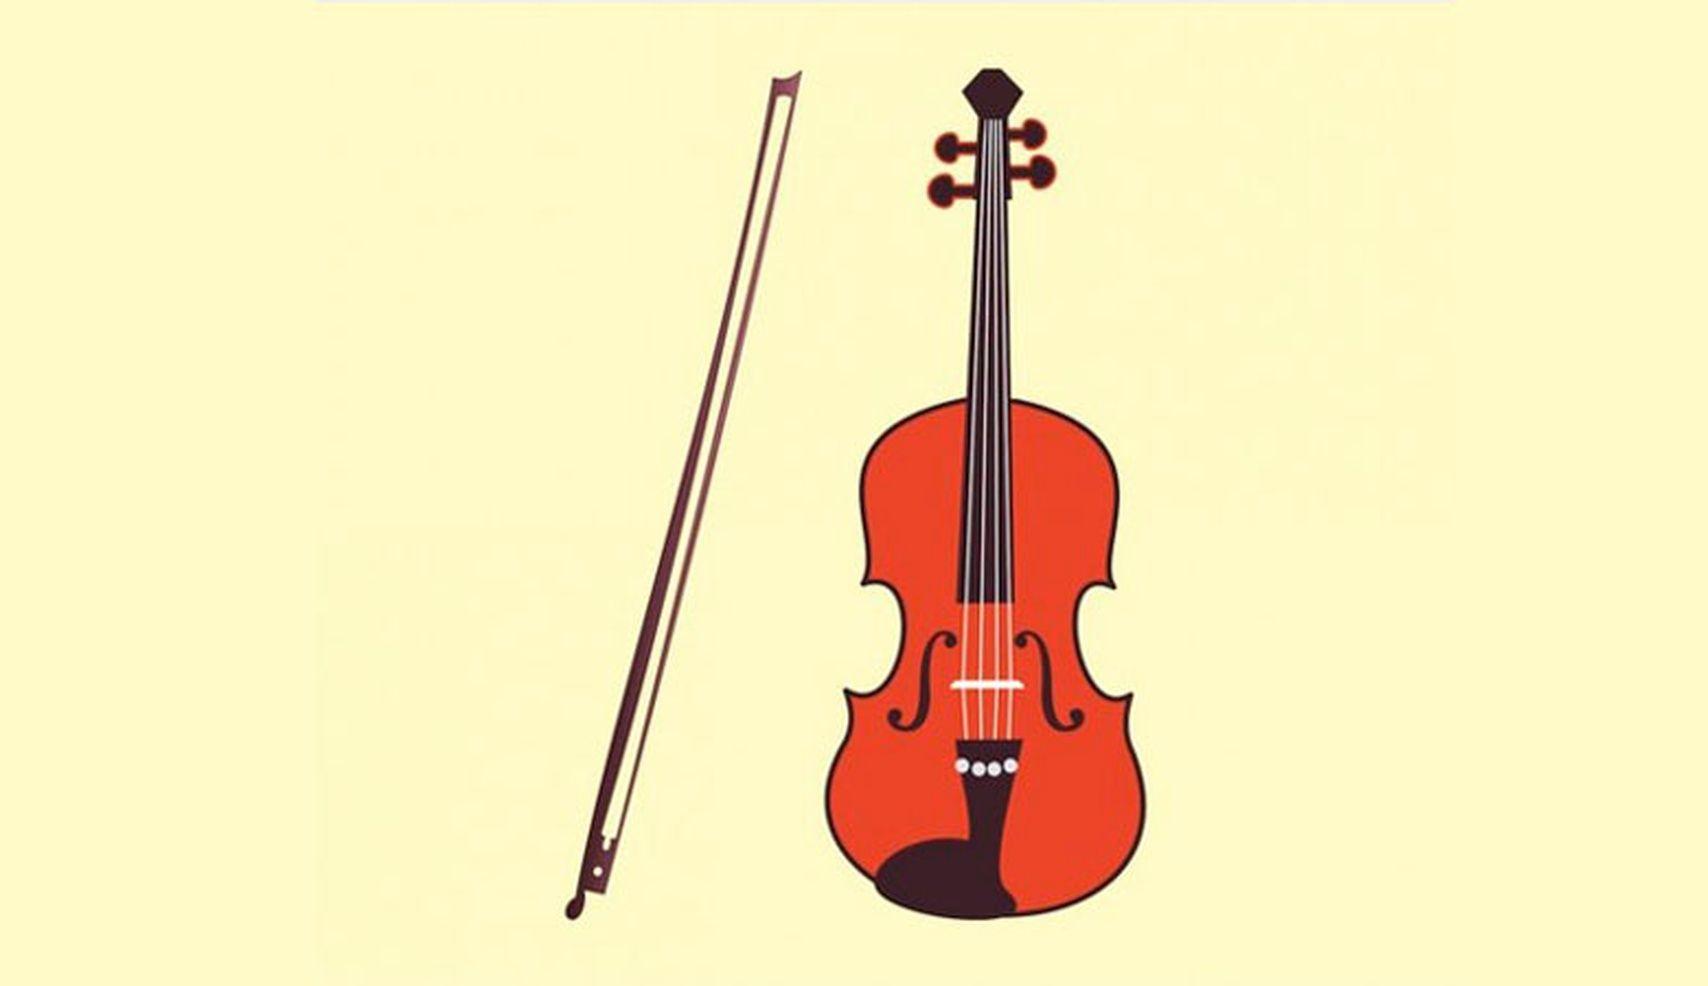 Aprende A Tocar El Violín Rápido Y Fácil Desde Cero